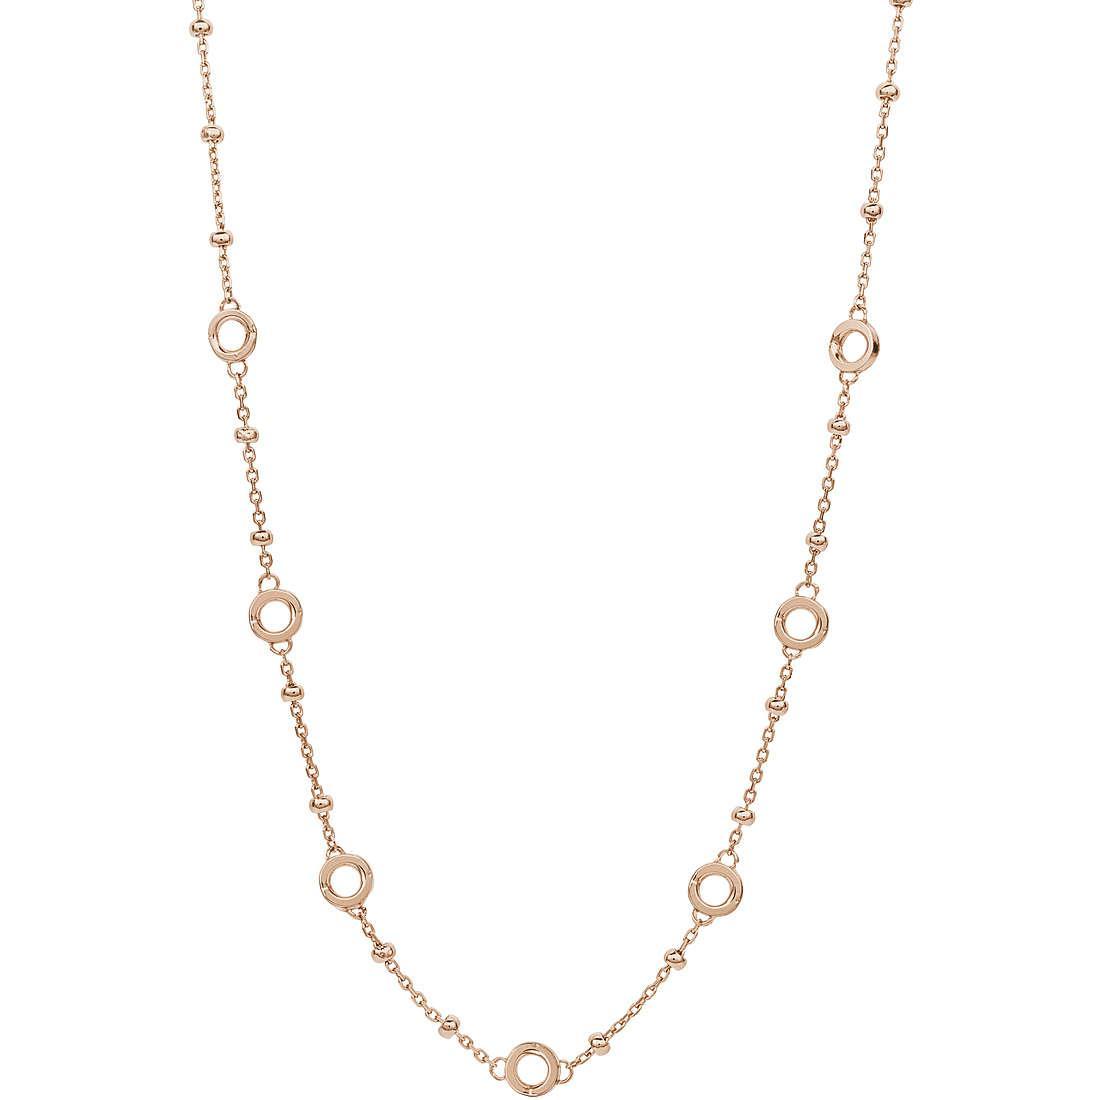 Collana donna gioielli rosato storie rzc011